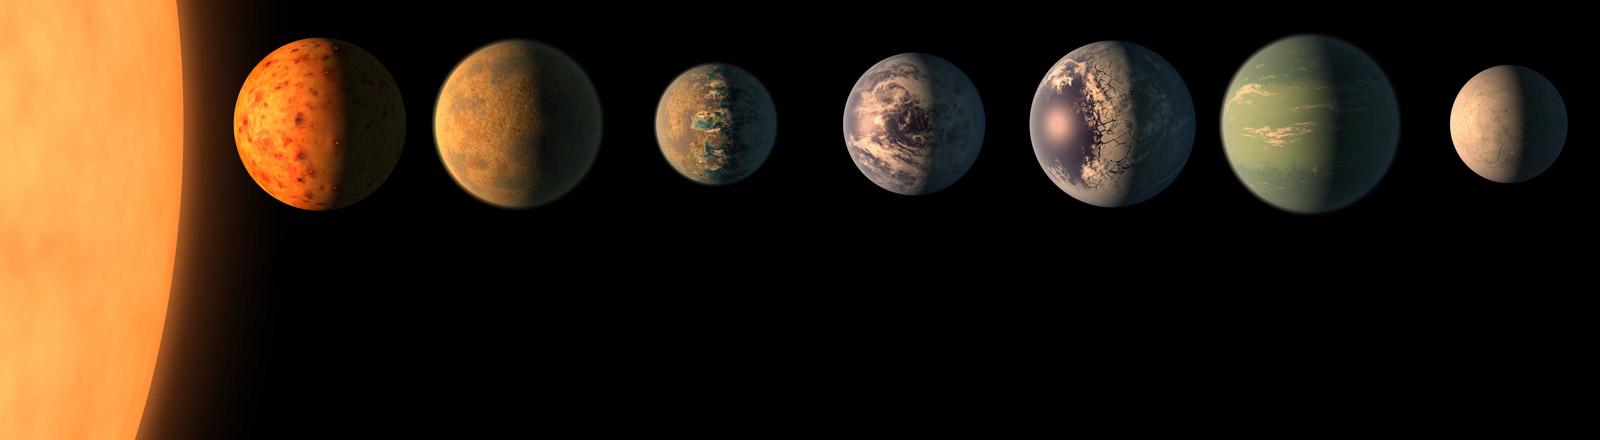 Grafische Darstellung der neu entdeckten sieben erdähnlichen Planeten